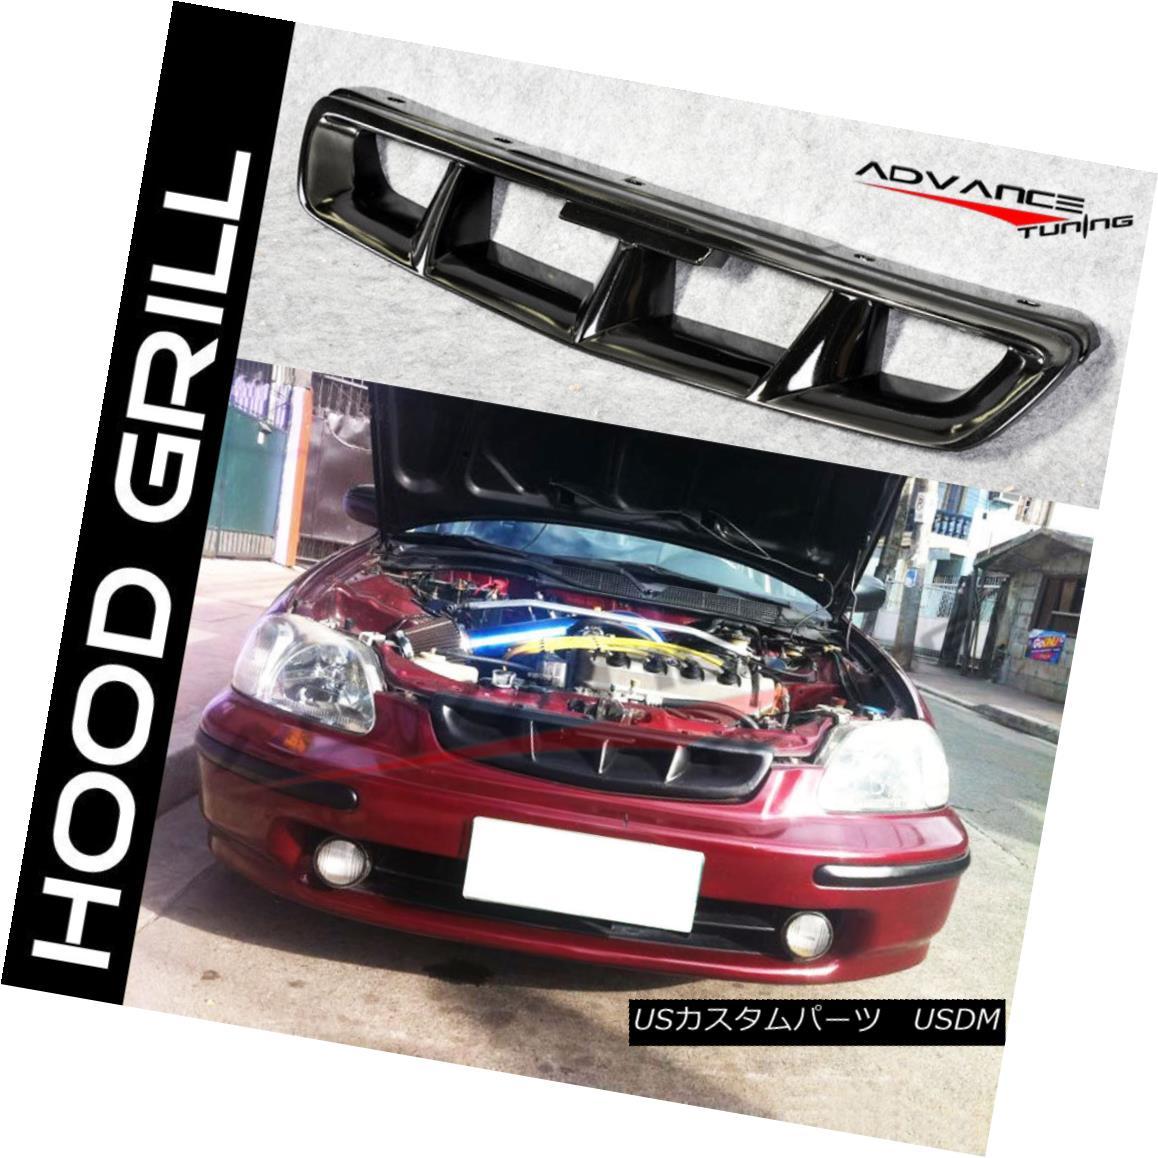 グリル Fits 96-98 Honda Civic ABS Front Hood Grille Grill JDM Mugen Style Black フィット96-98ホンダシビックABSフロントフードグリルグリルJDM Mugenスタイルブラック